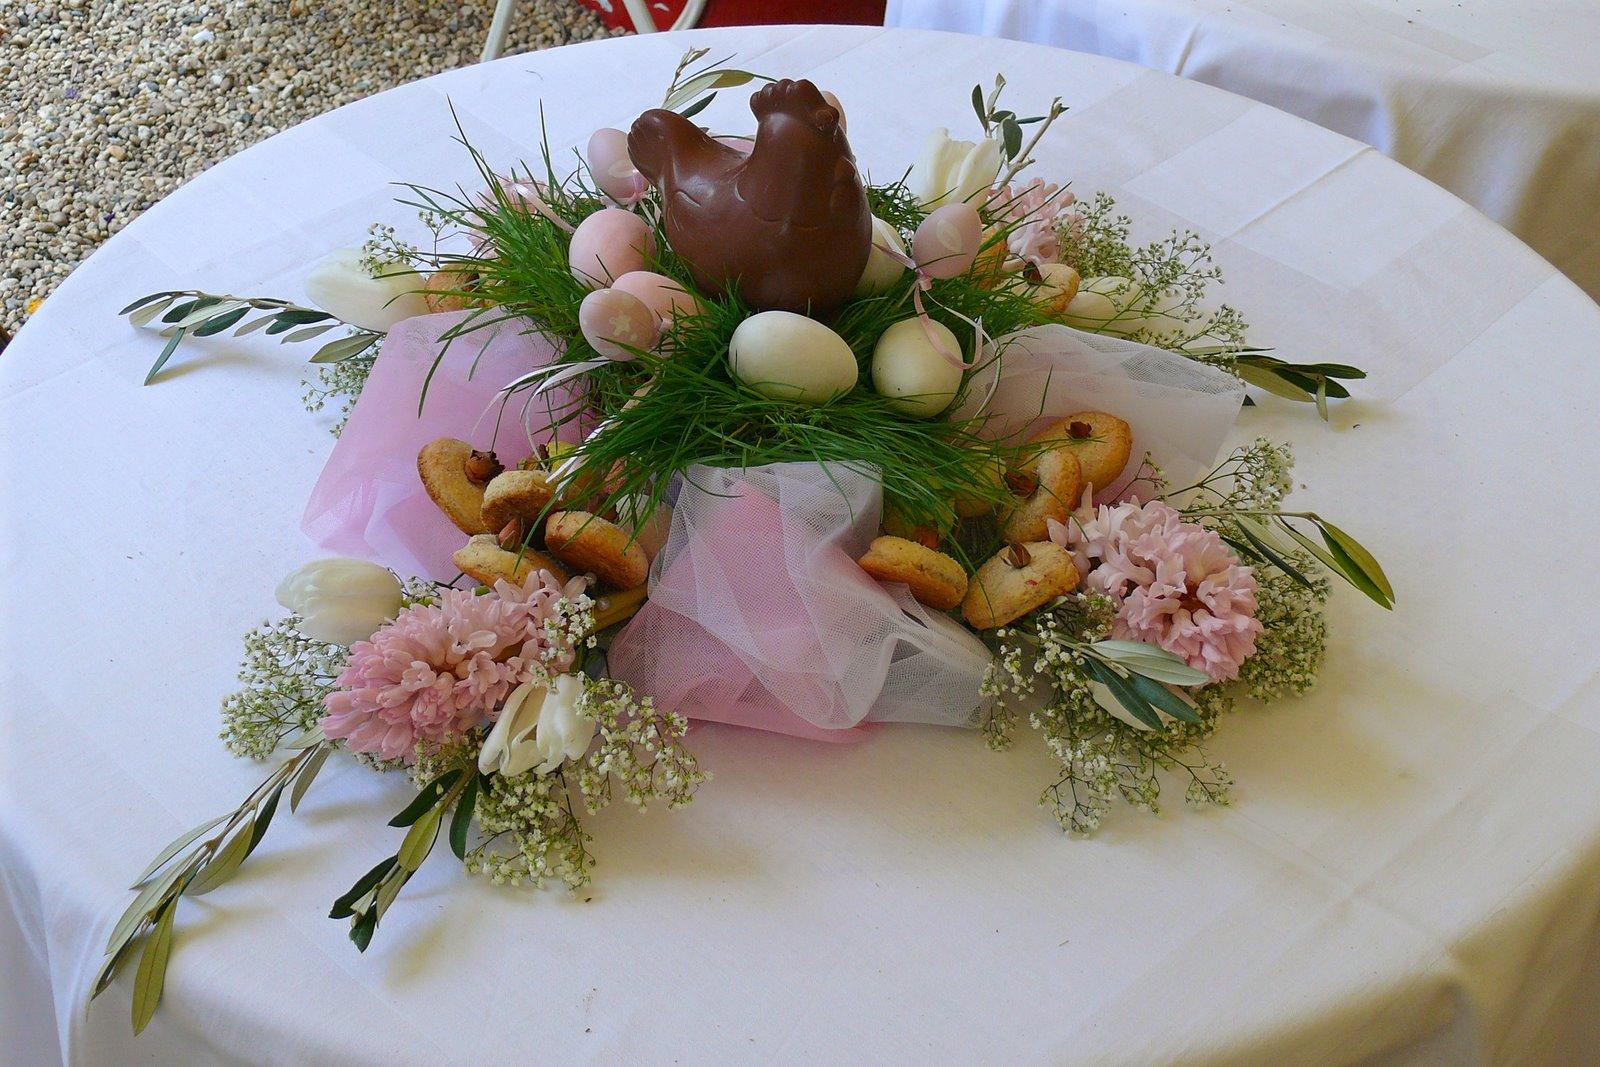 Auguri di pasqua da messer tulipano e da arredoeconvivio arredoeconvivio - Centro tavola per pasqua ...